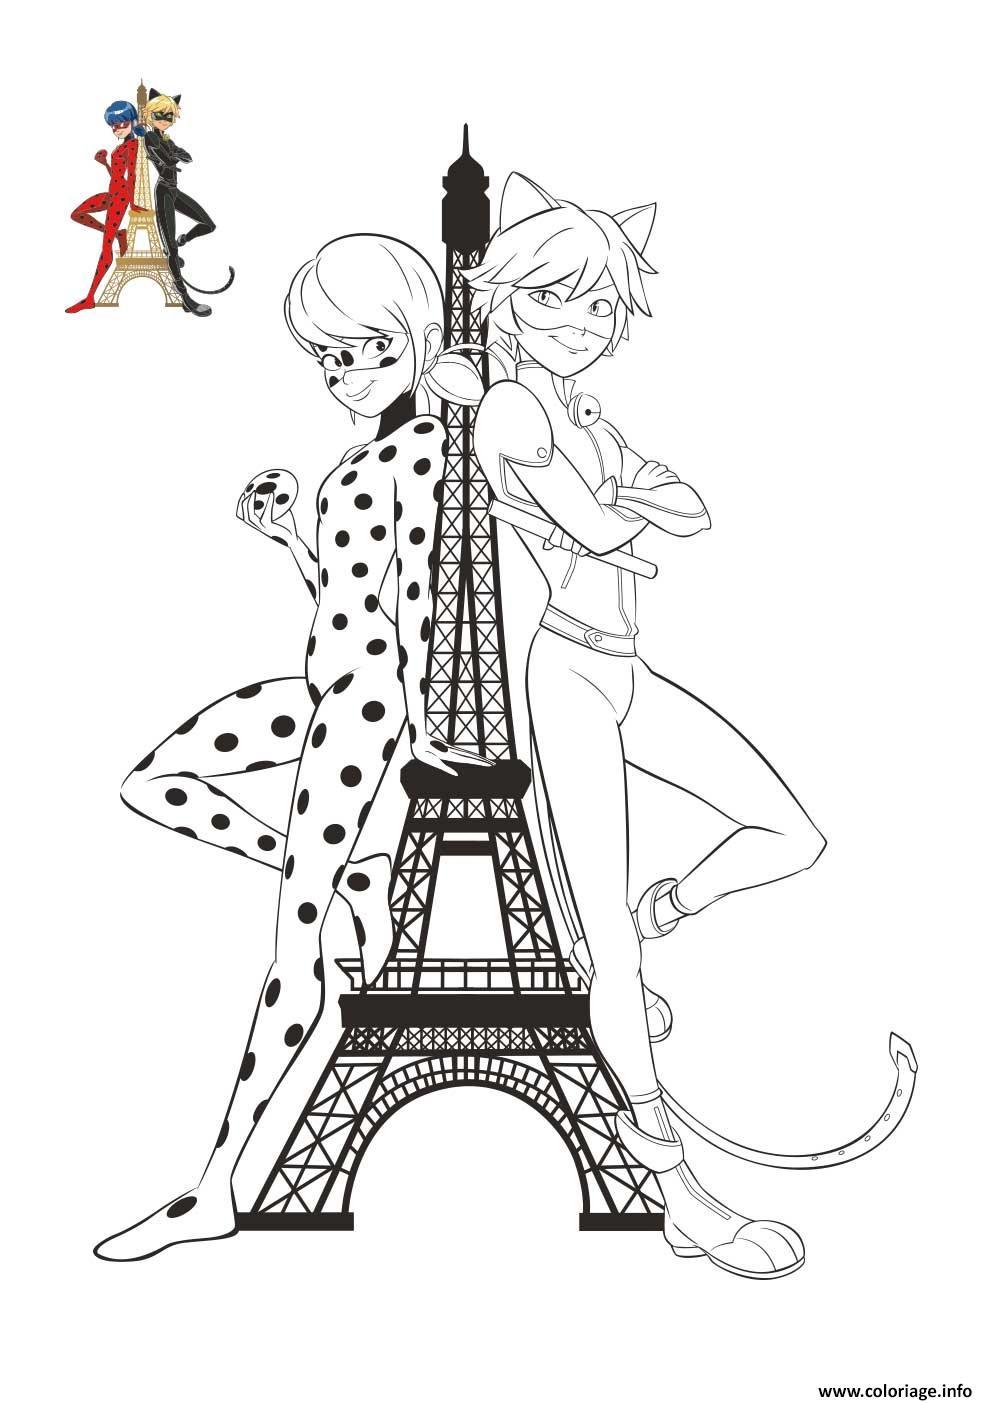 Coloriage Chat Noir Et Ladybug Tour Effeil Paris France